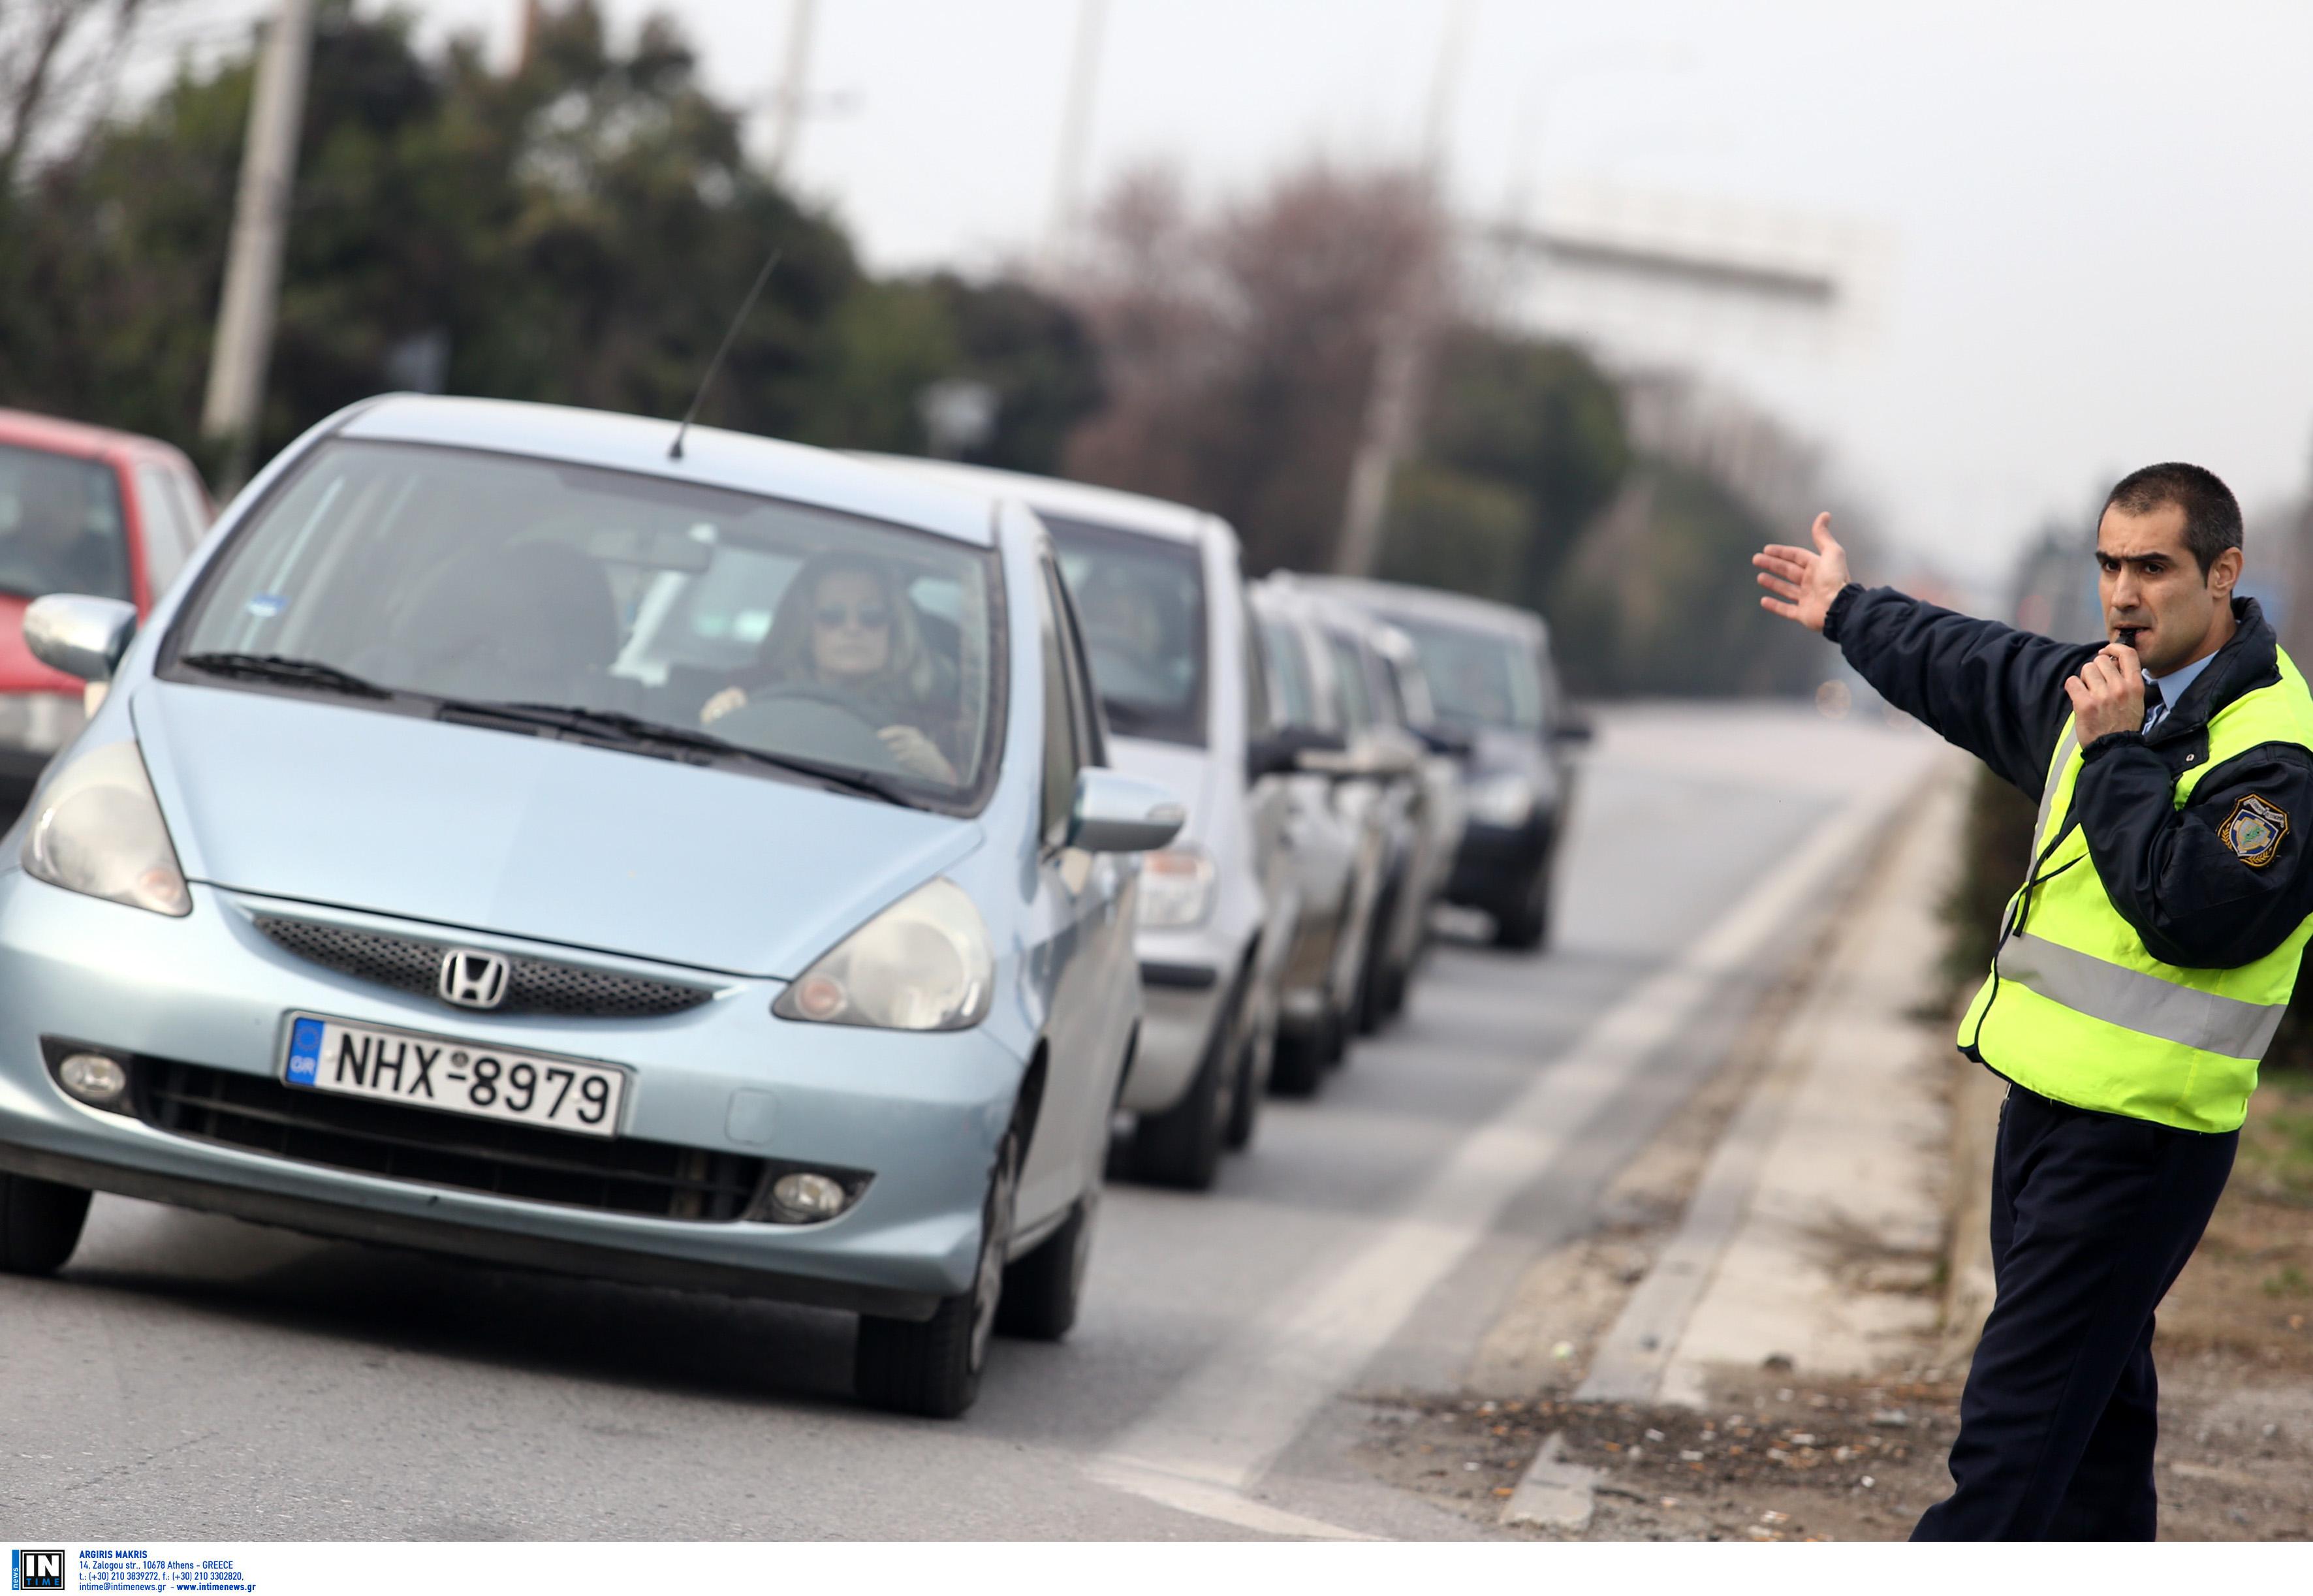 Κυκλοφοριακές ρυθμίσεις στις λεωφόρους Κηφισού, Ποσειδώνος και στον δήμο Νέας Ιωνίας